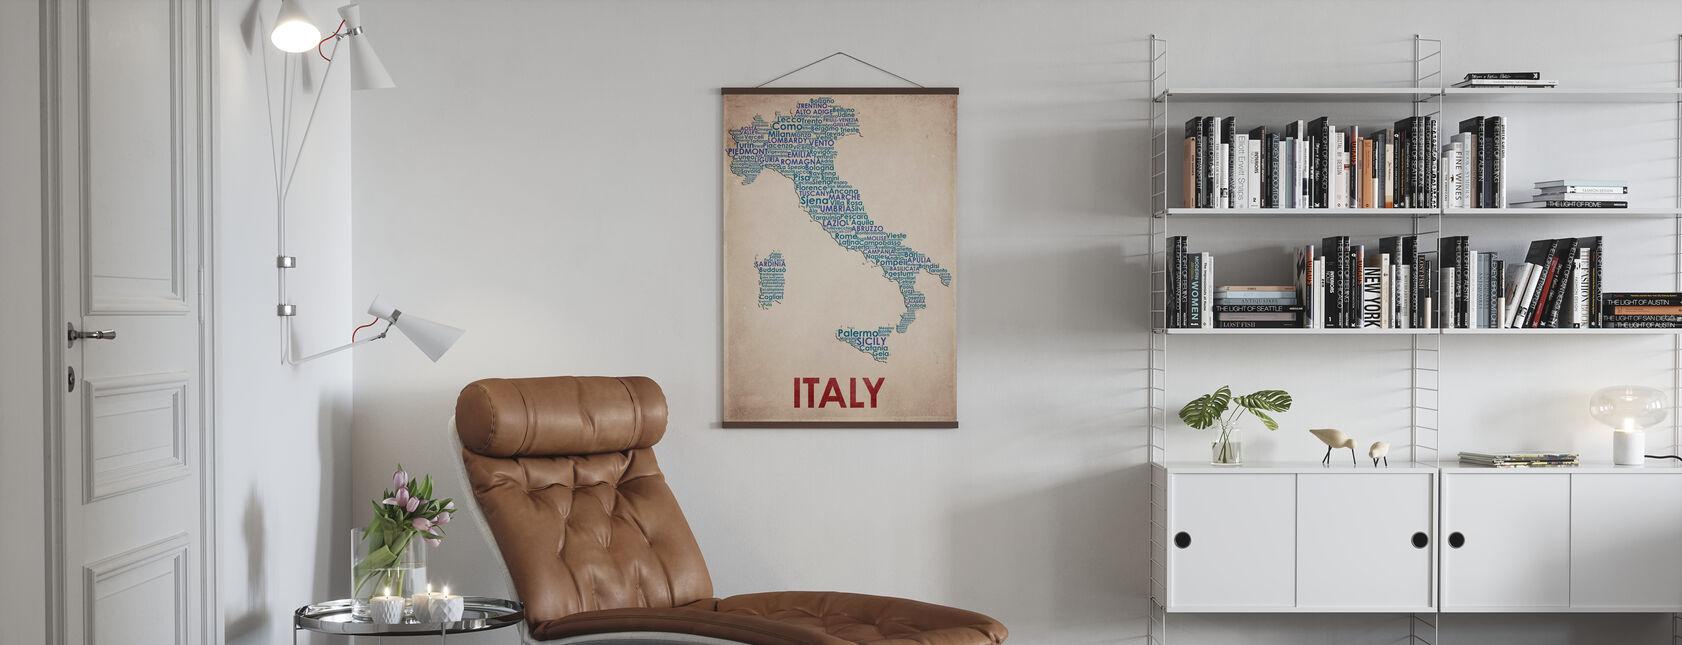 Italien Karte - Poster - Wohnzimmer